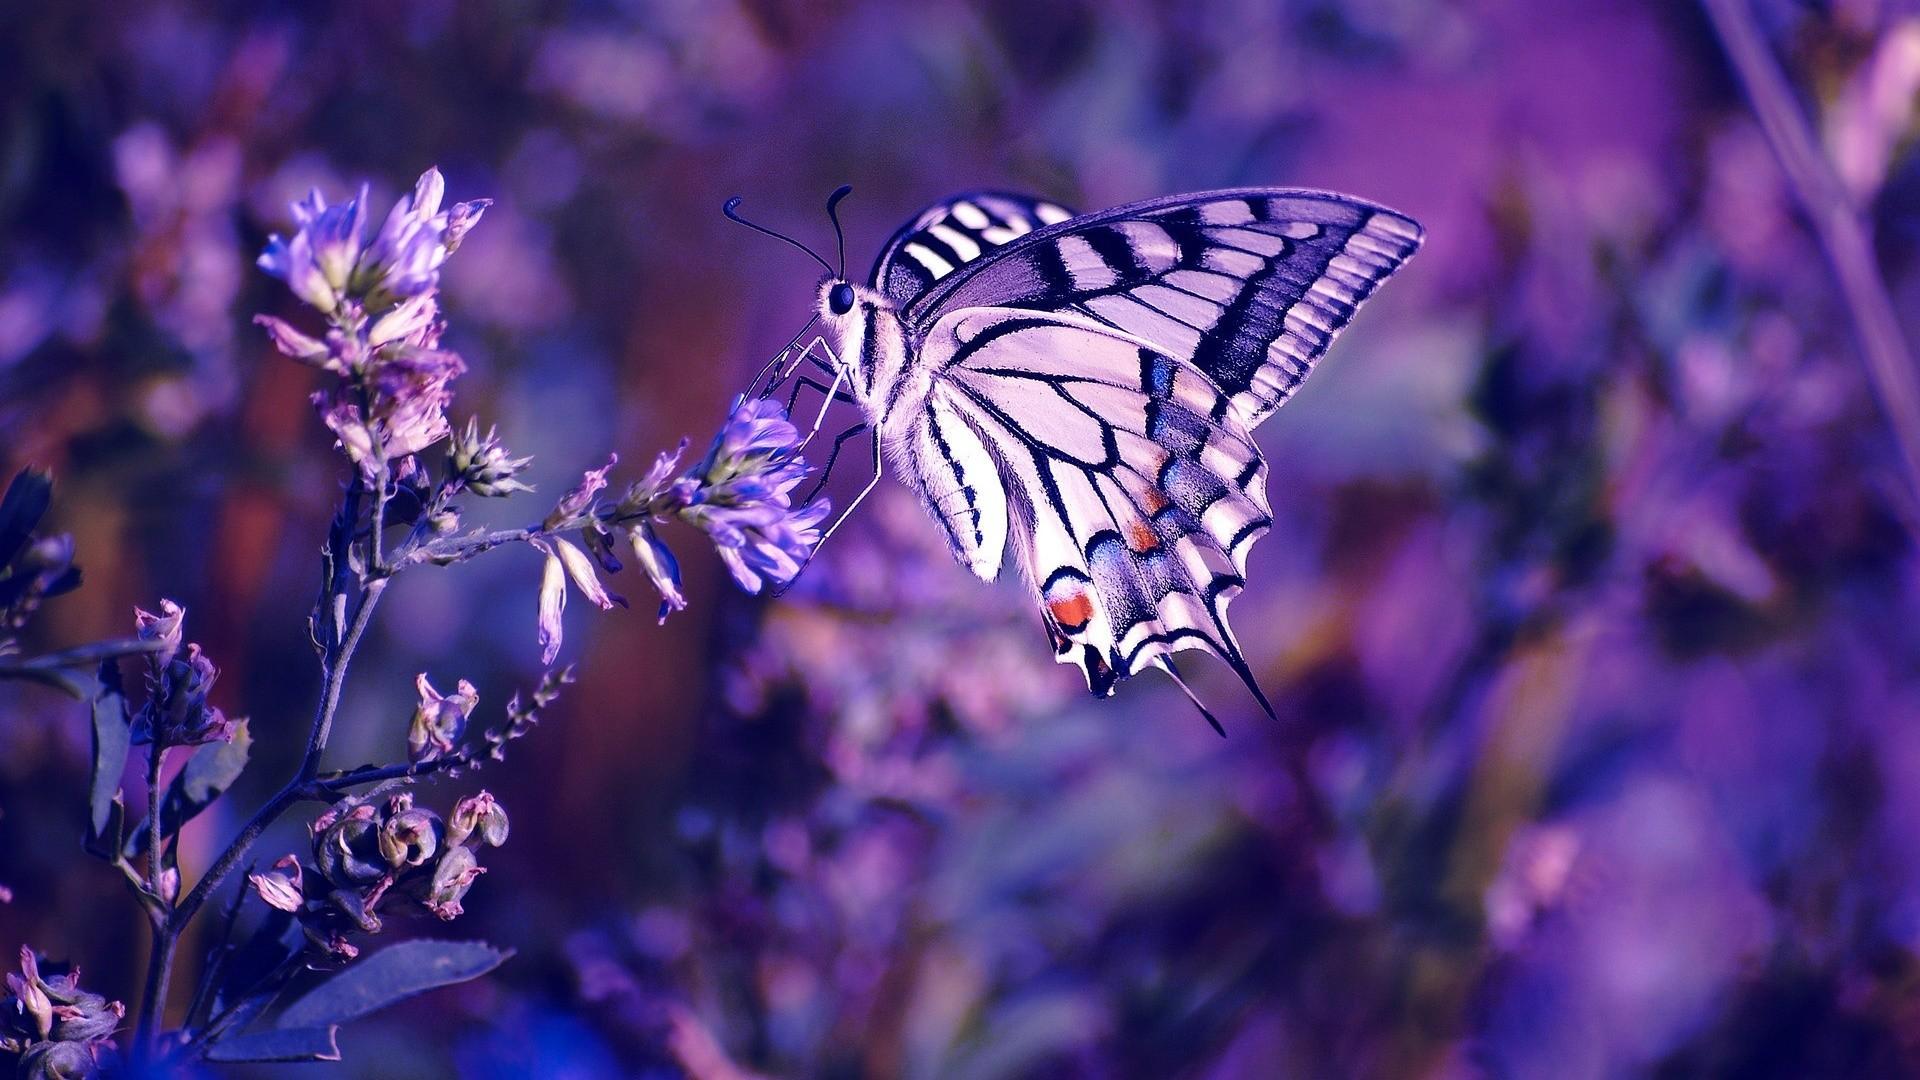 Beautiful Butterfly Wallpaper 1